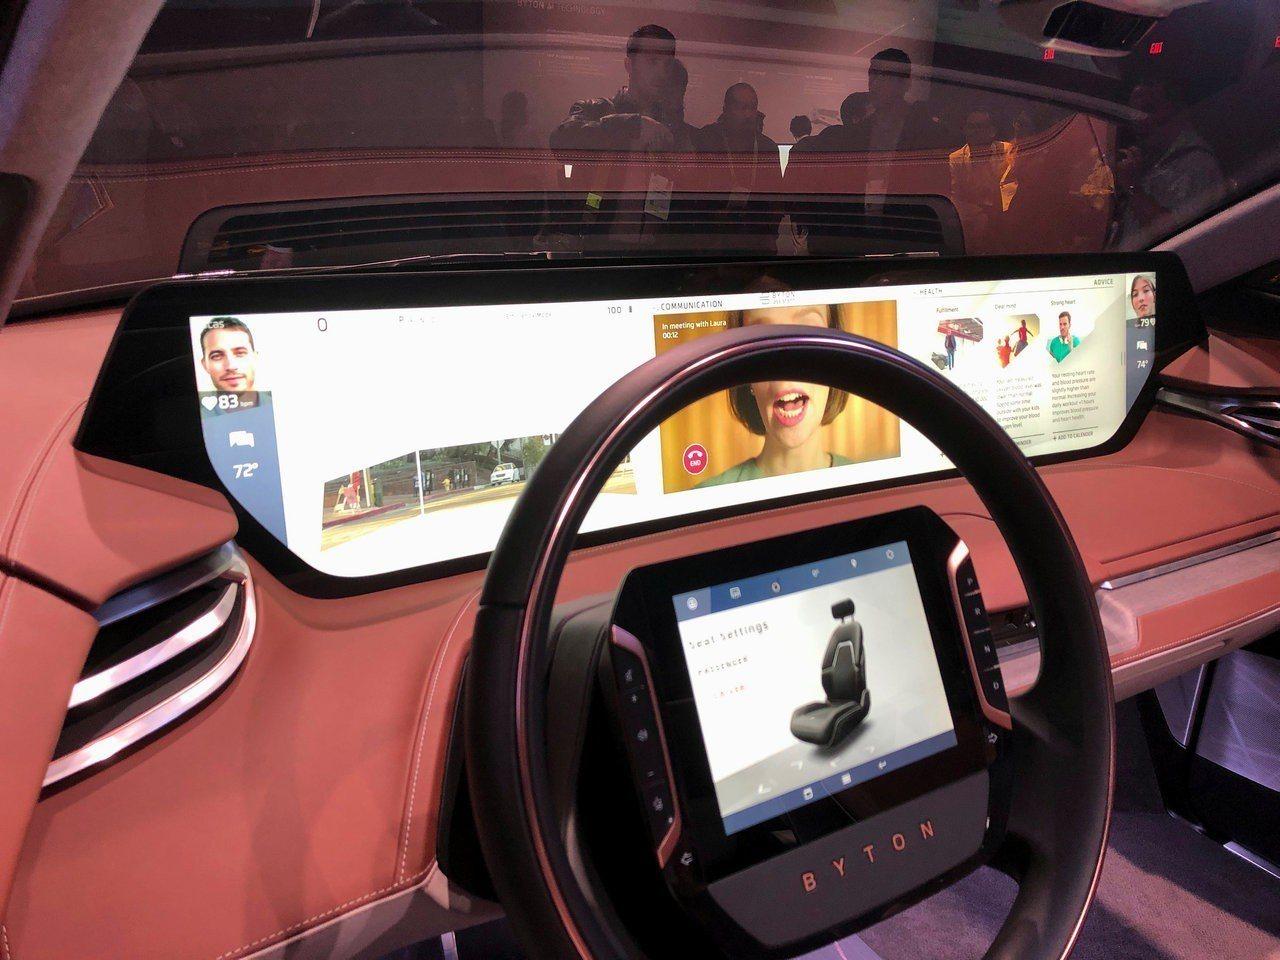 中國電動車新創品牌拜騰(Byton)表示,方向盤裝置觸控螢幕是未來趨勢。 路透